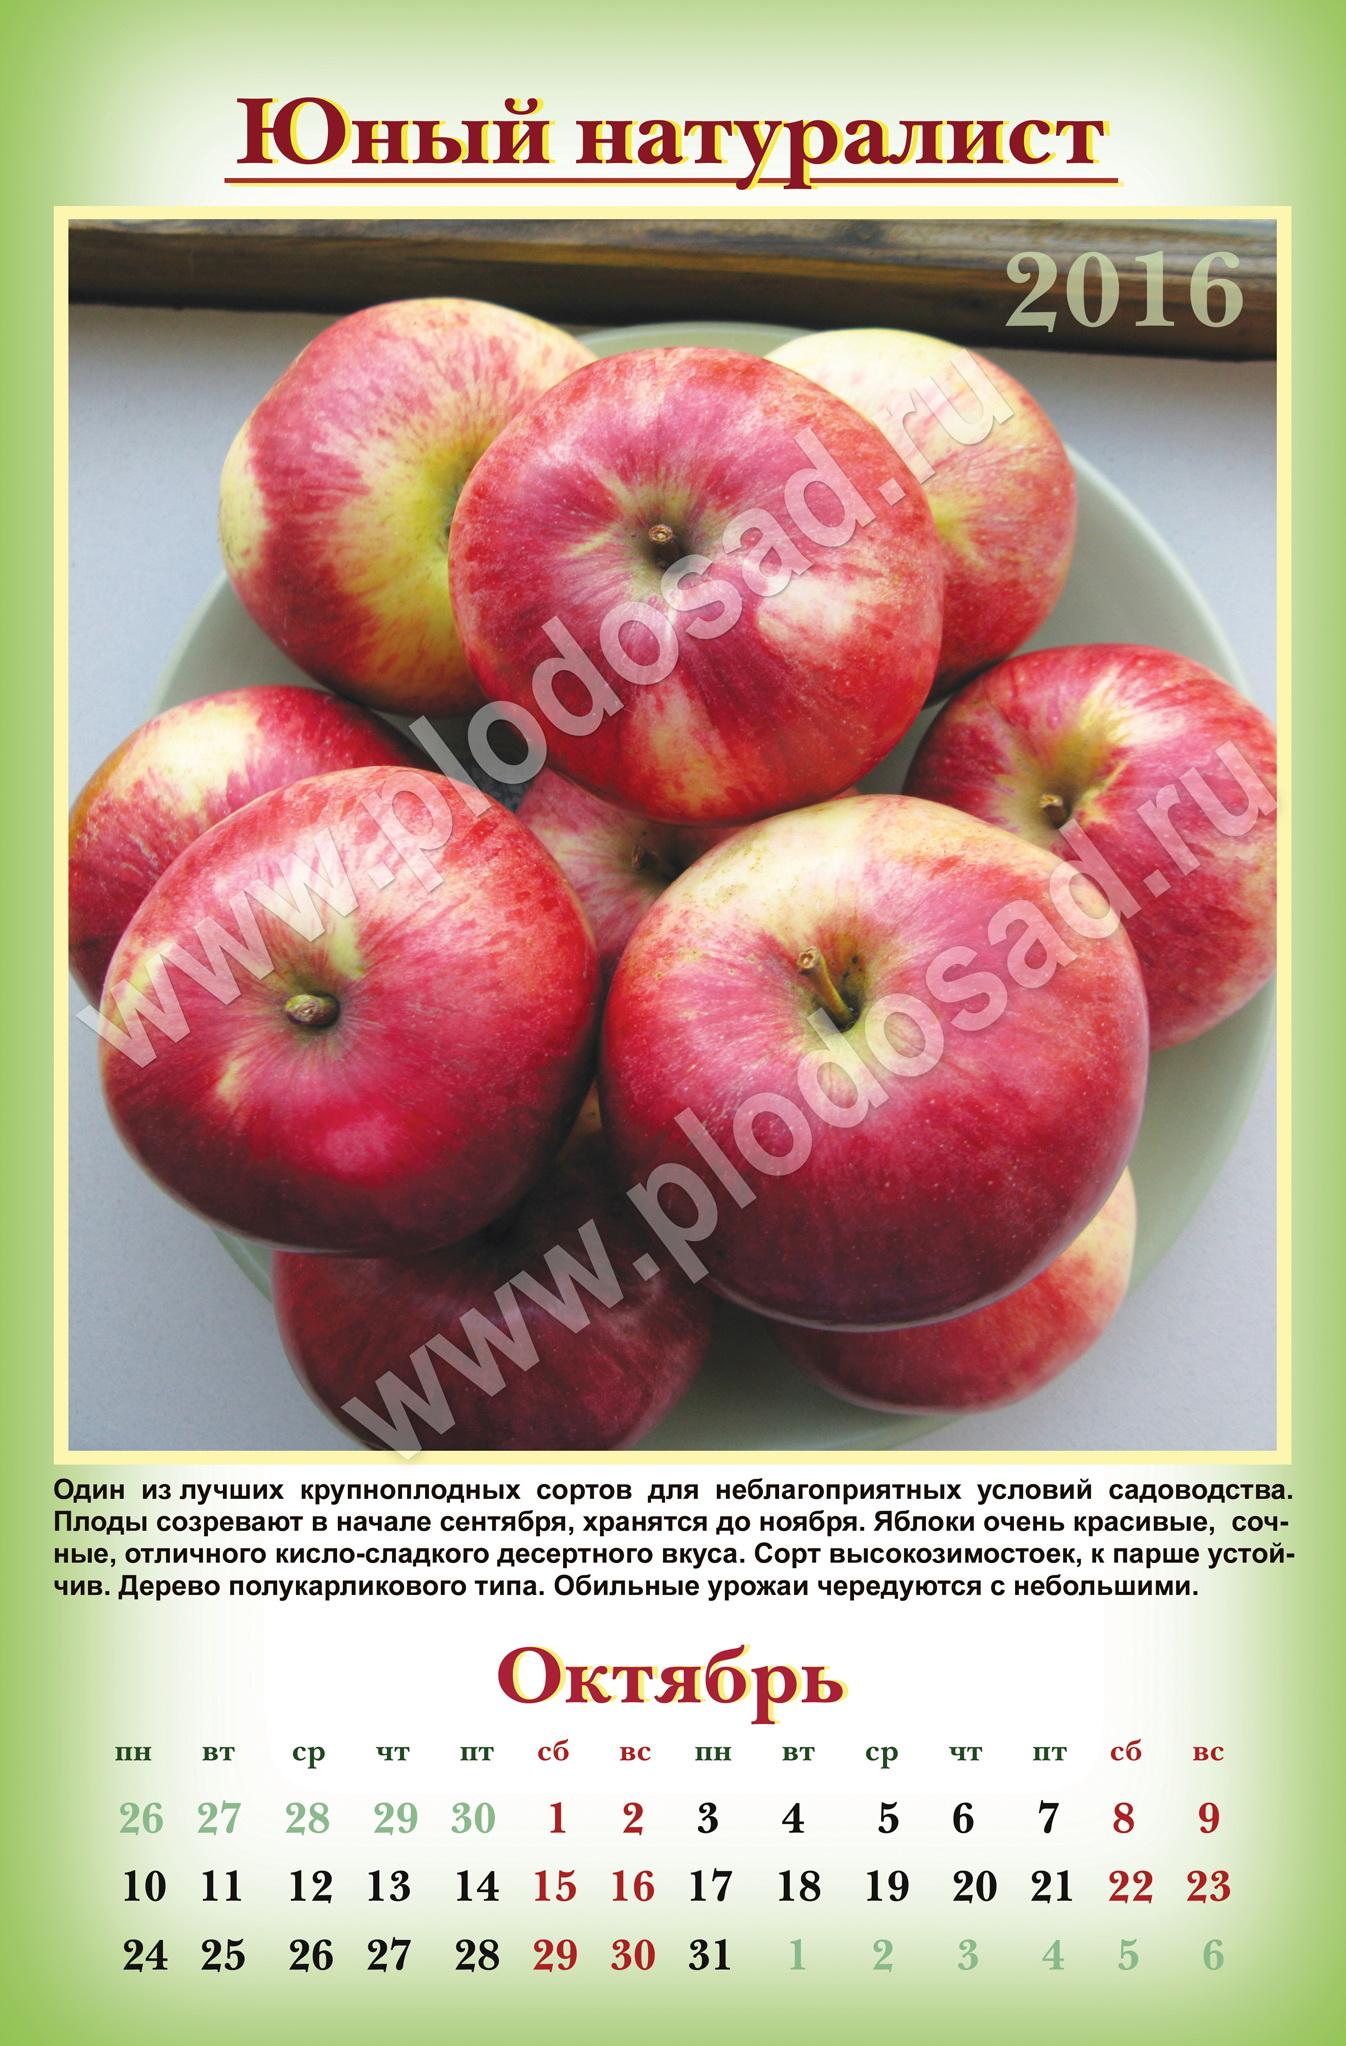 List_12_Октябрь_Юный натуралист